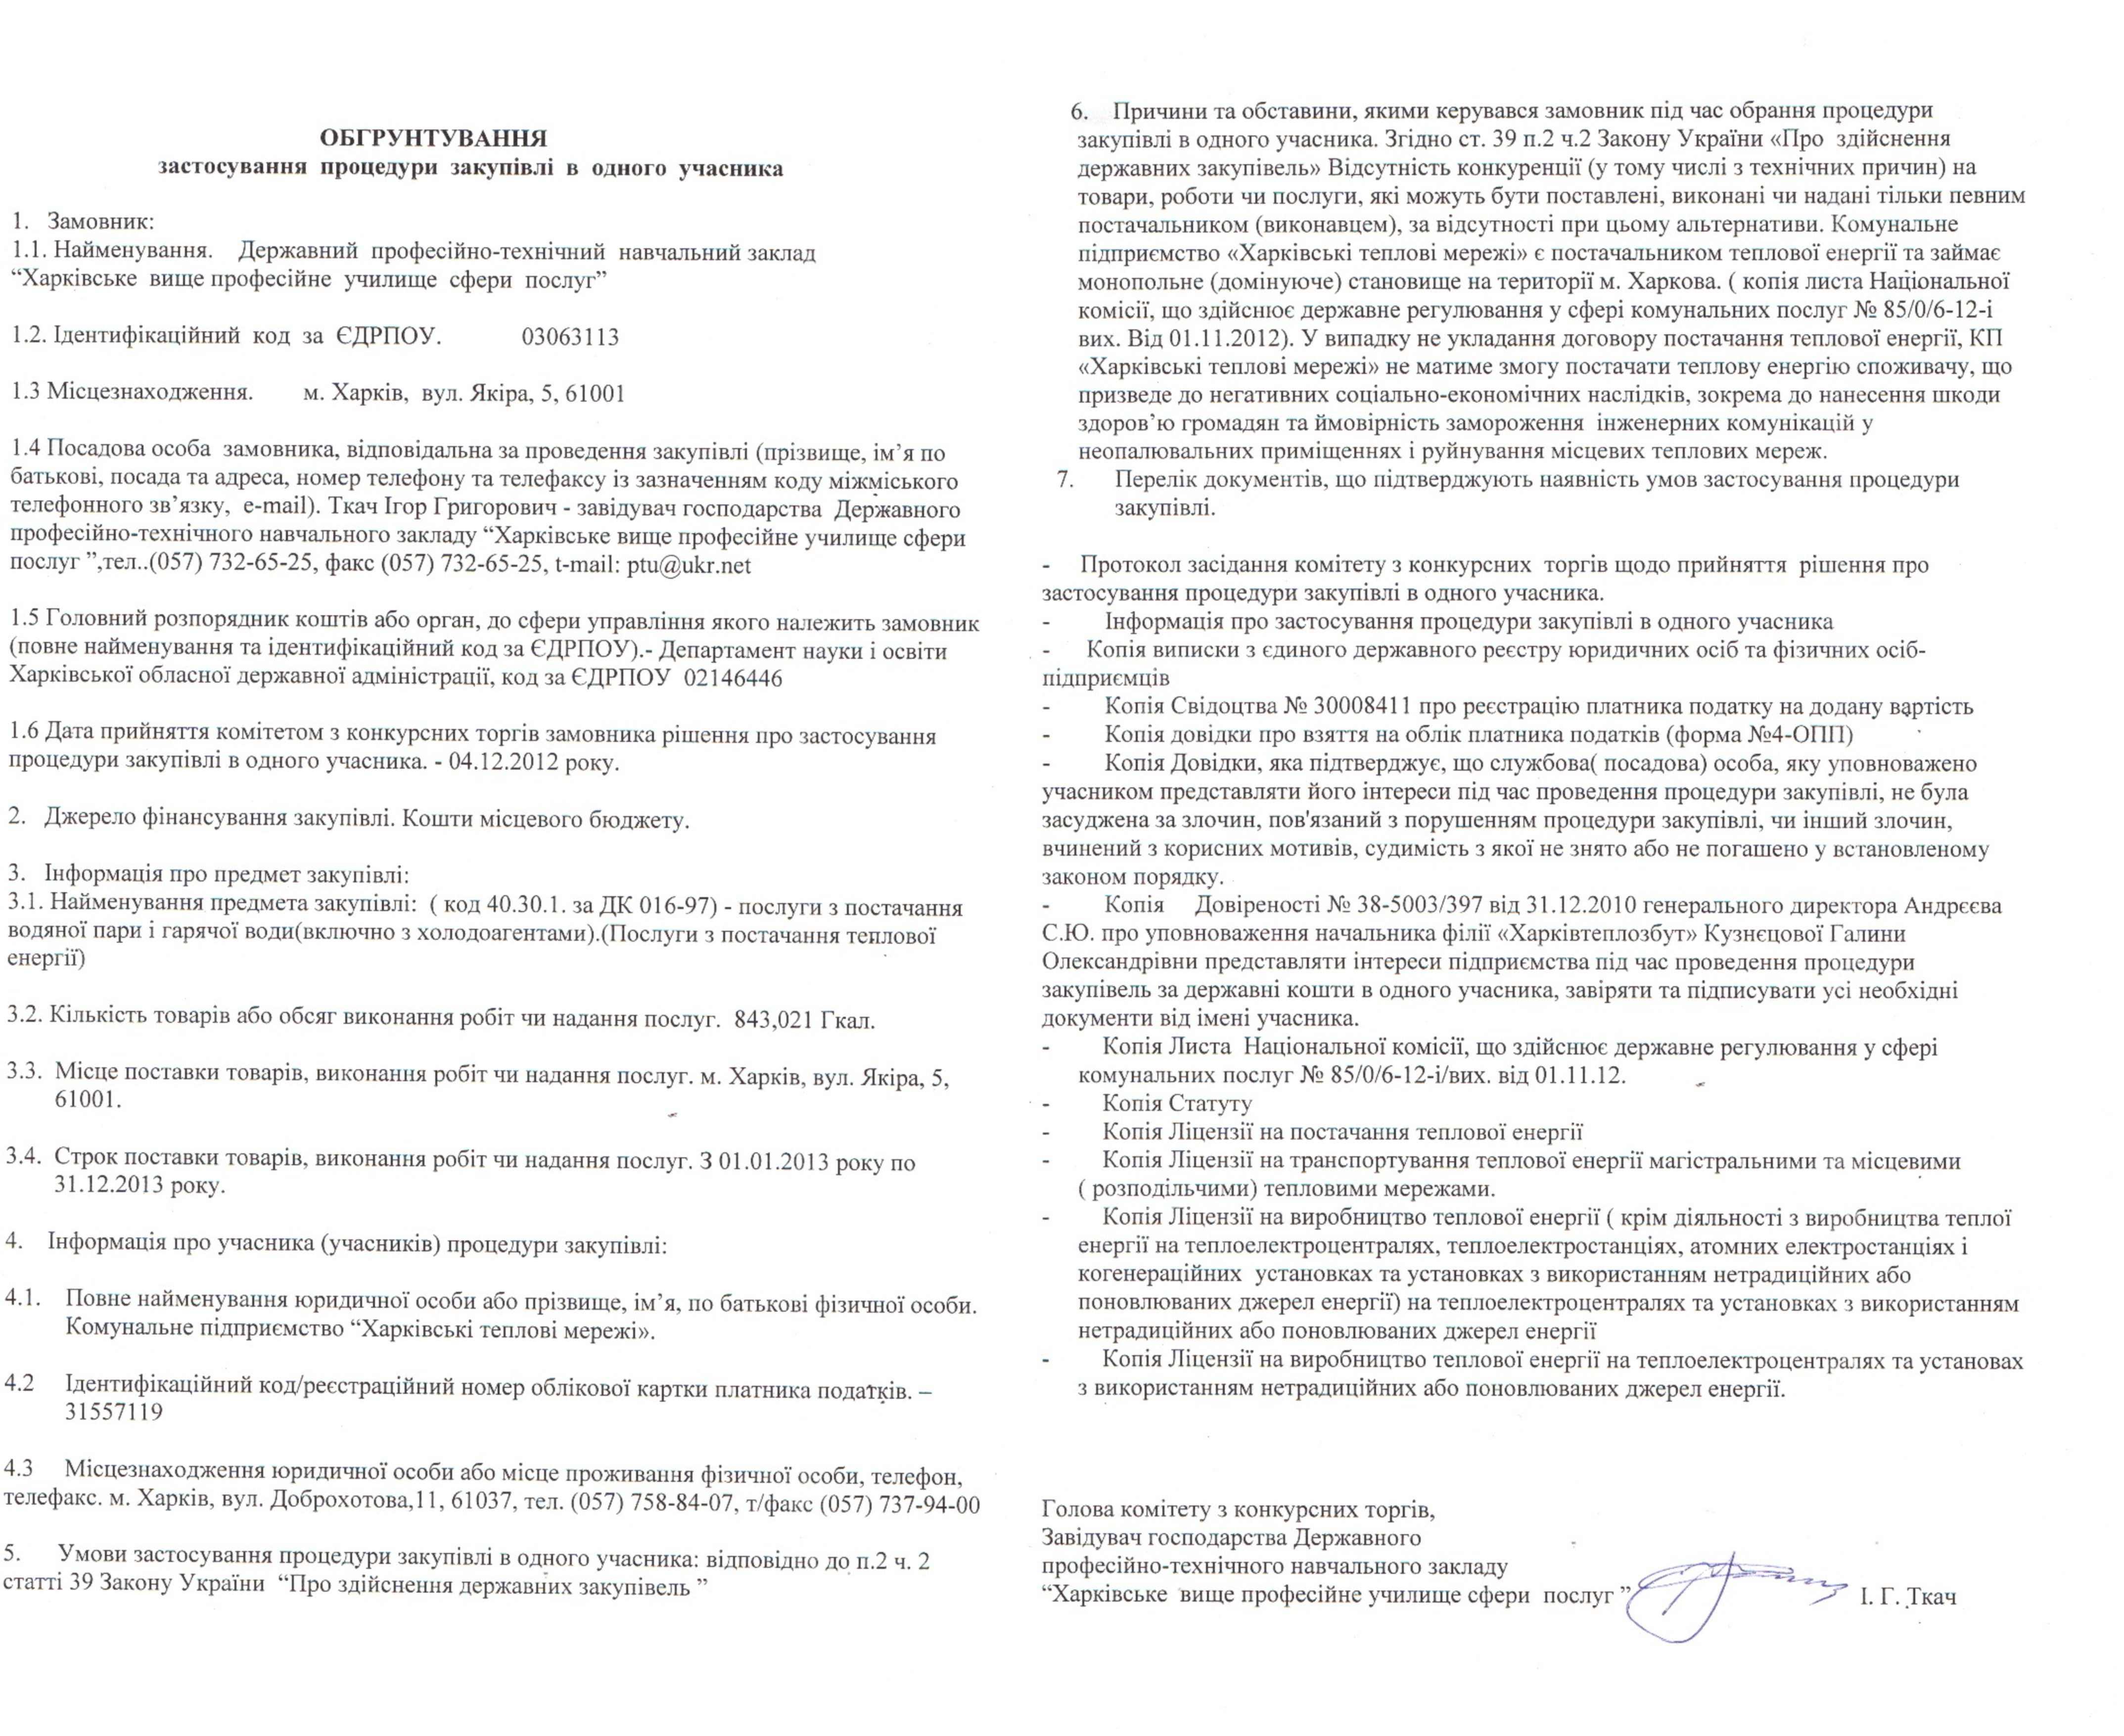 Обгрунтування застосування процедури закупілі в одного учасника_2013